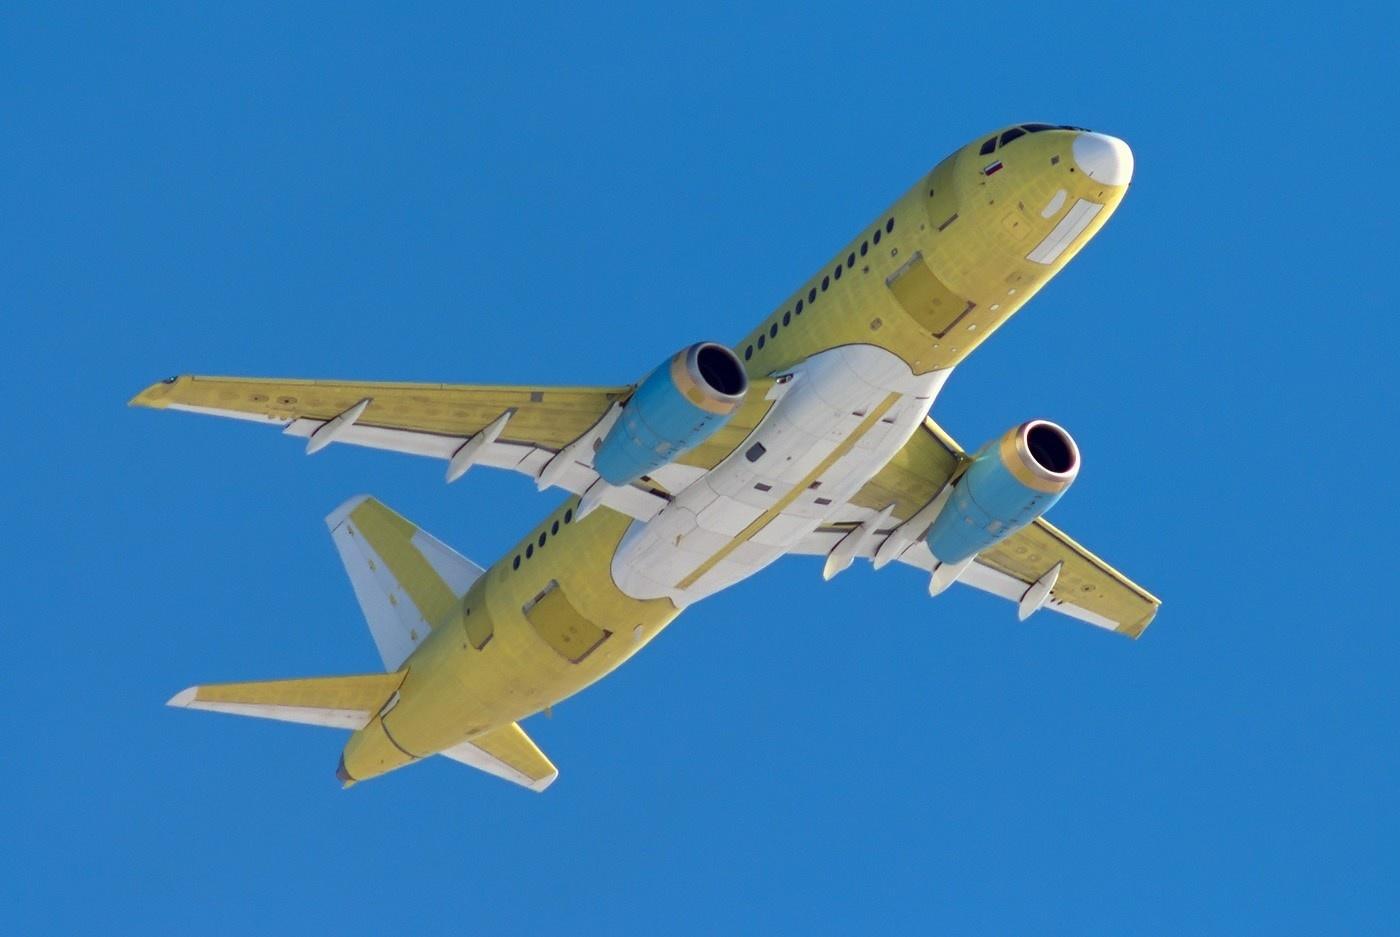 Сбербанк и ВТБ создадут новую авиакомпанию для региональных перевозок